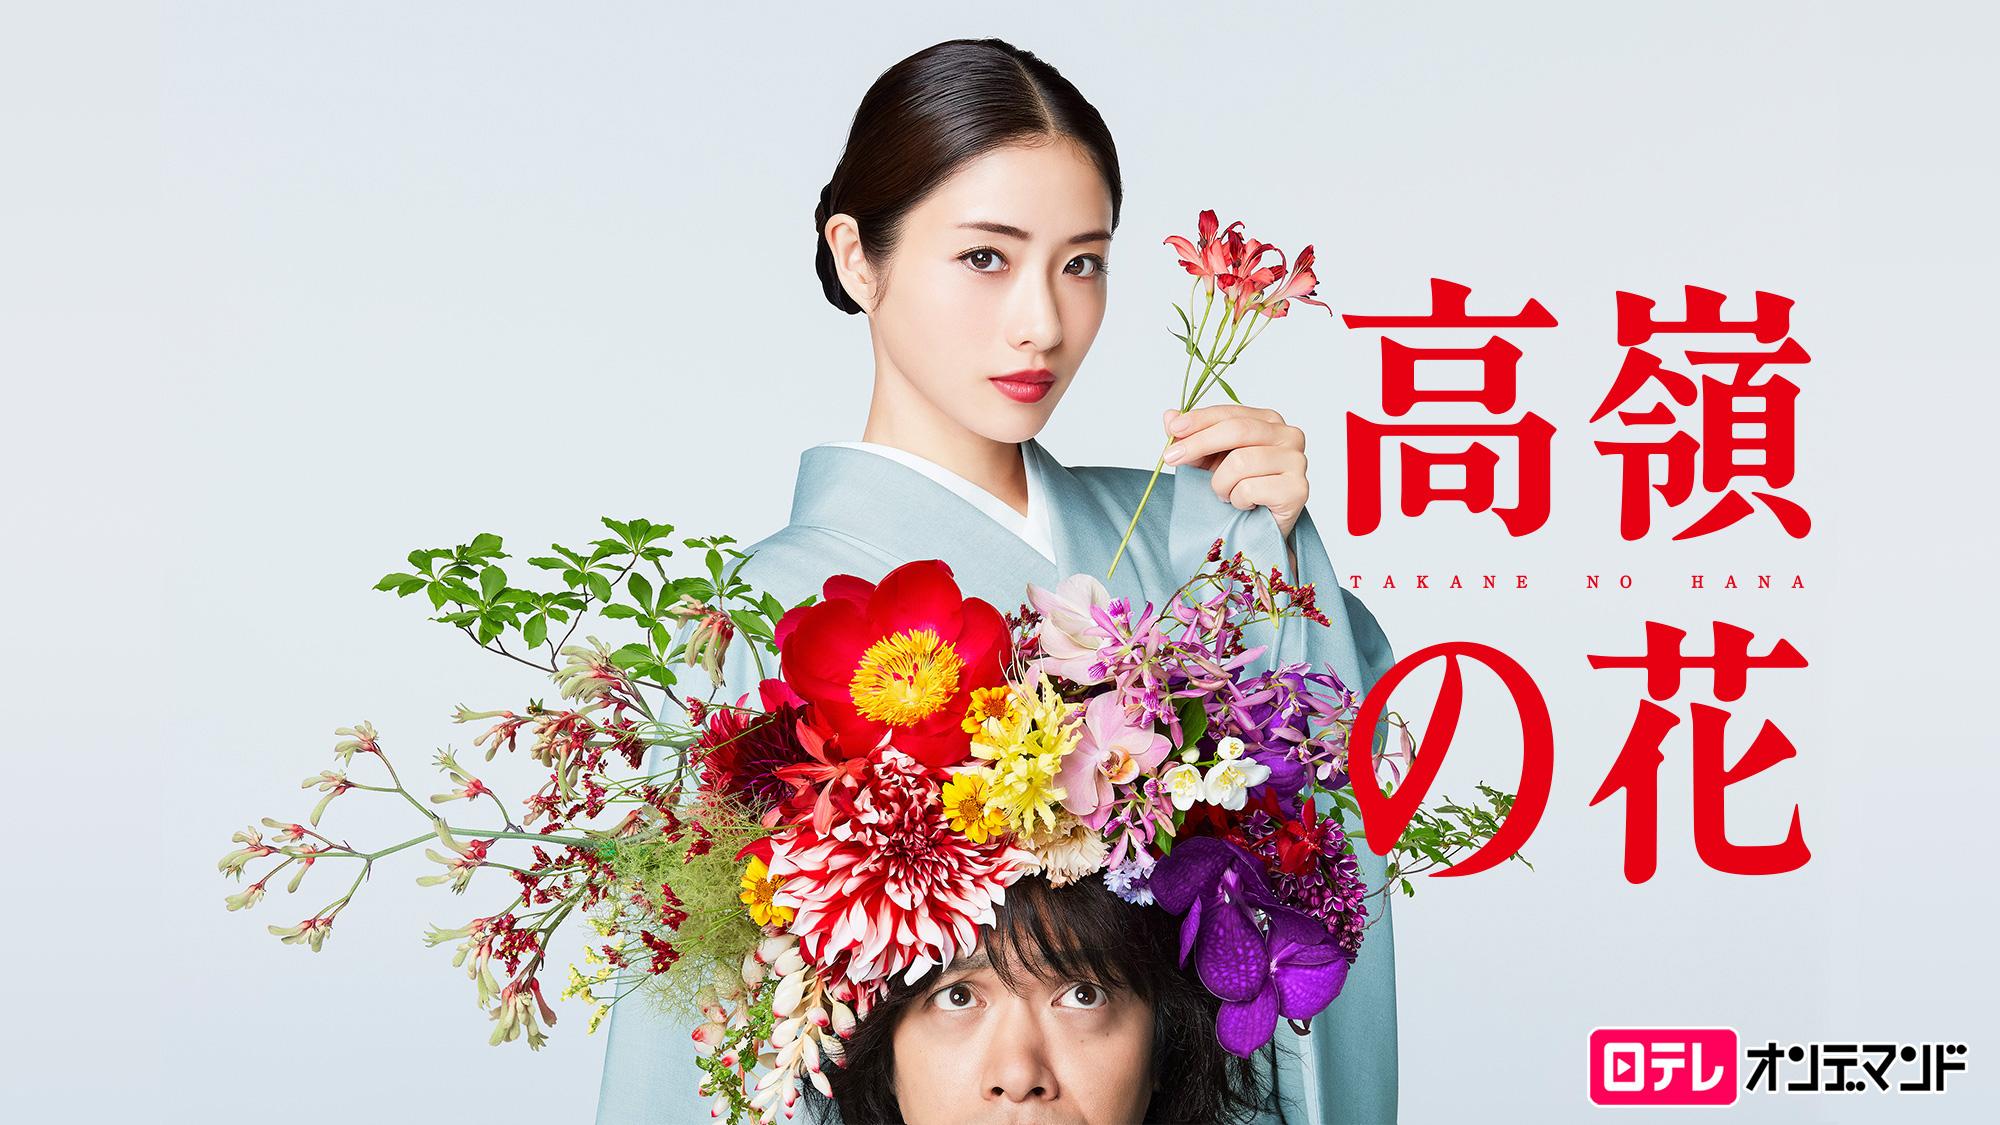 高嶺の花 第01話